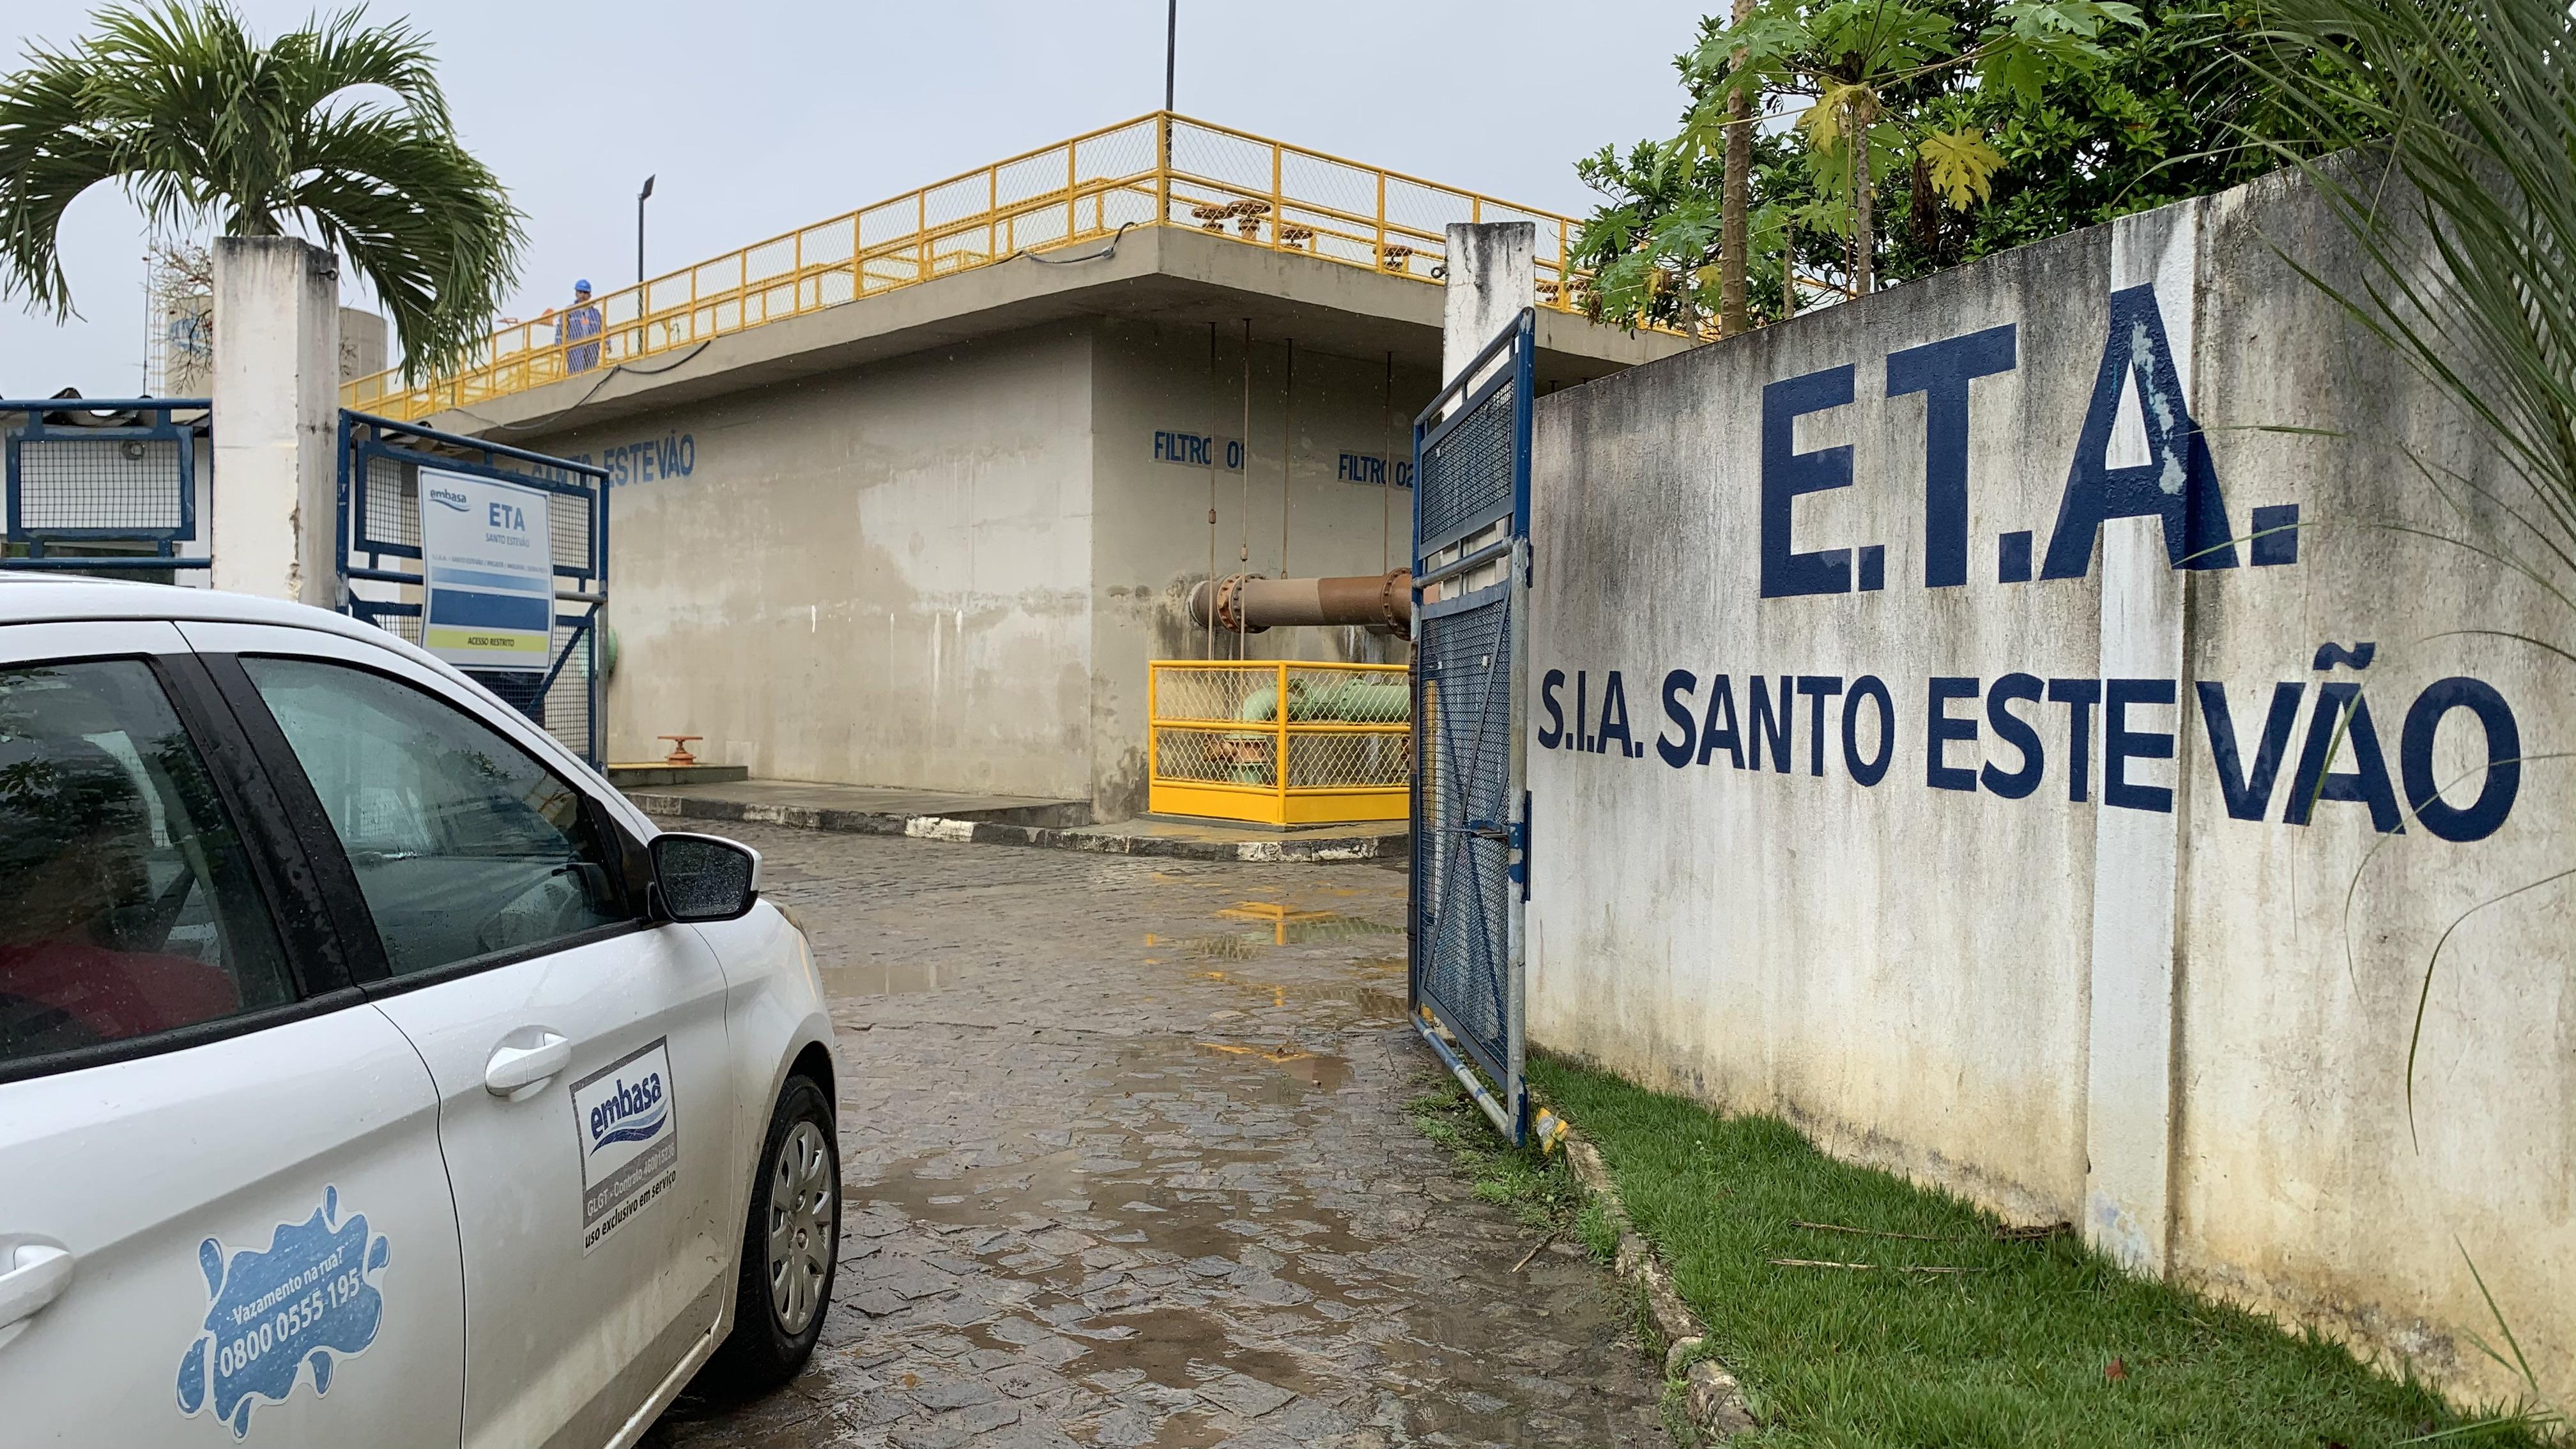 Após reparo, sistema Embasa opera com capacidade total de abastecimento em Santo Estevão e região